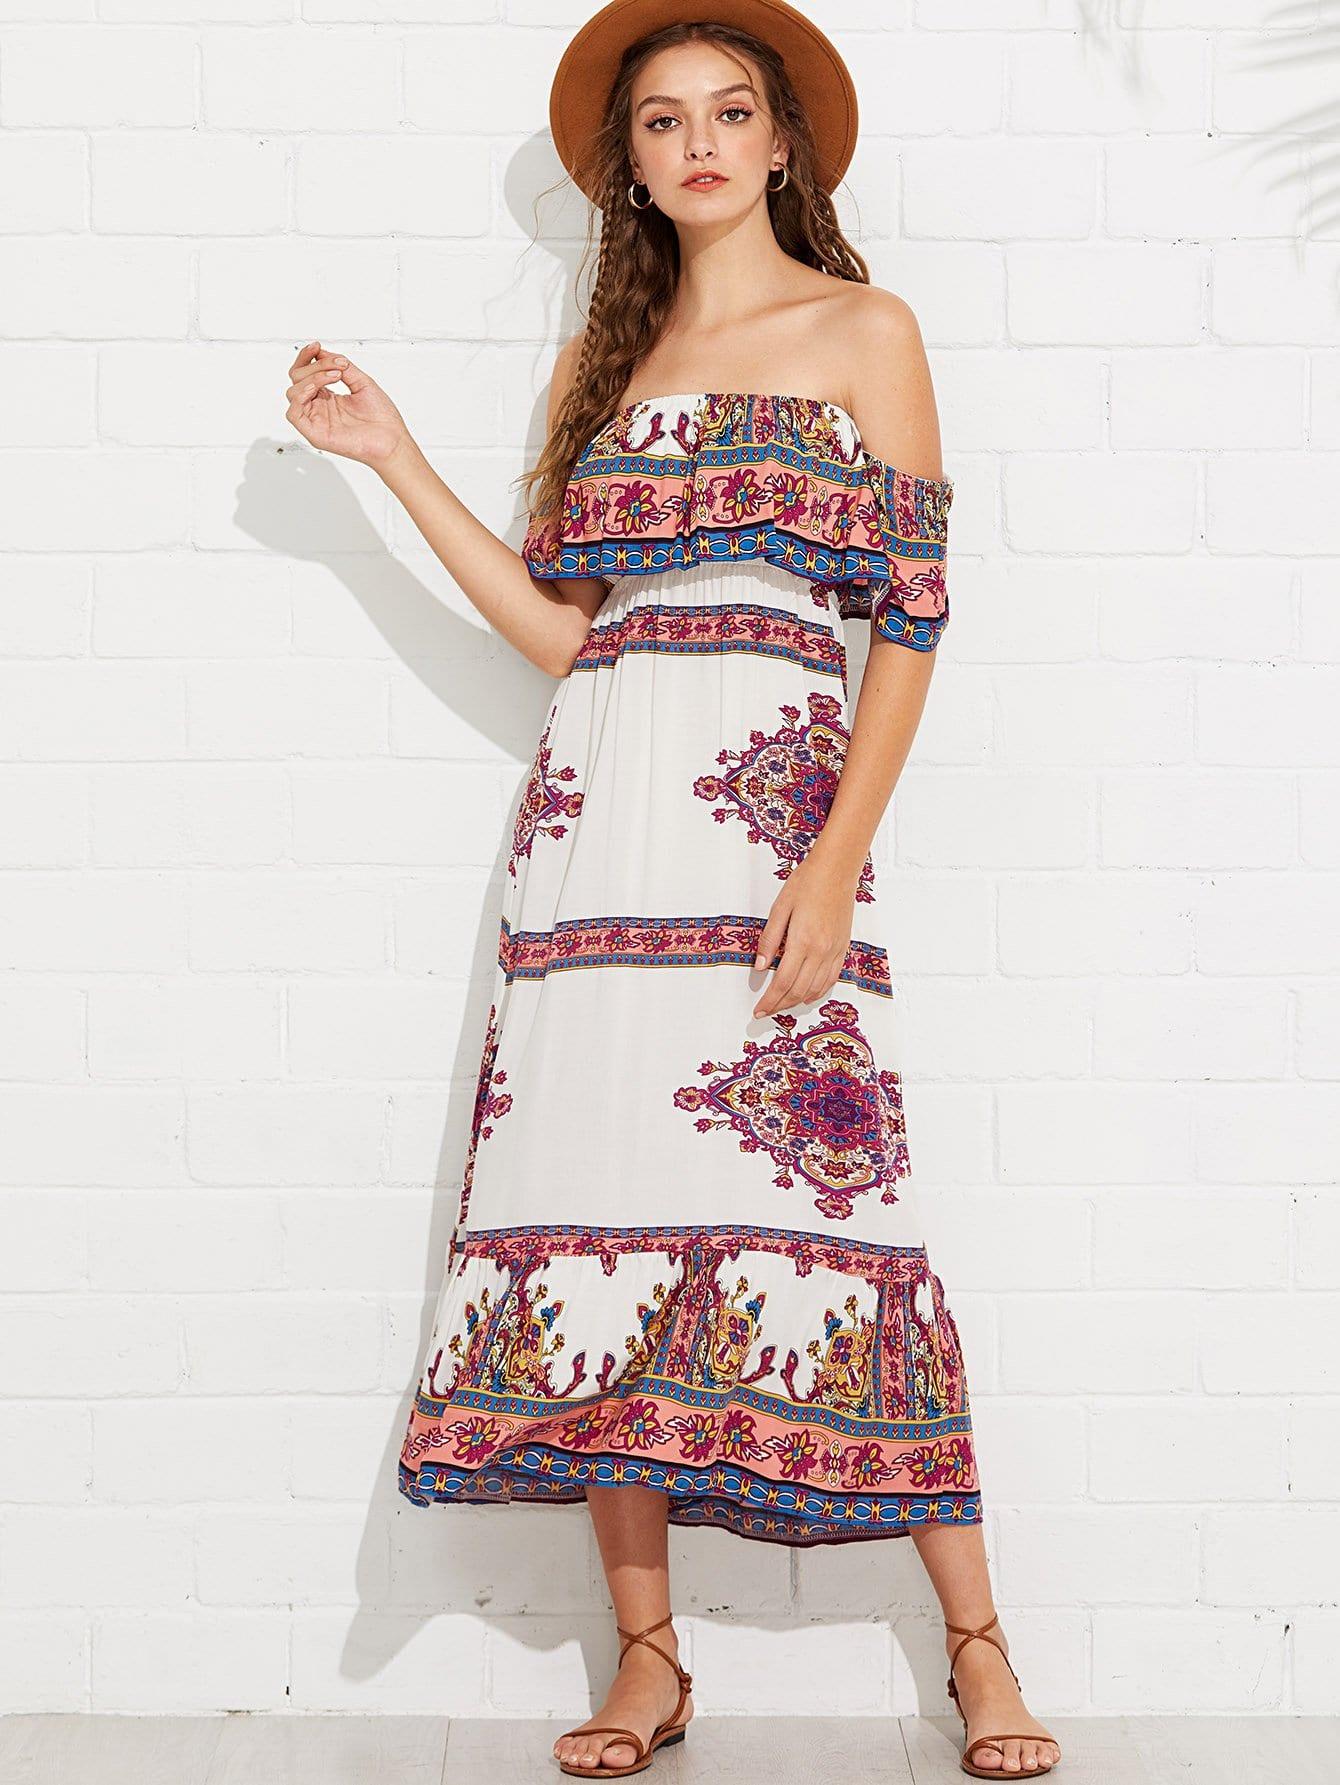 Off Shoulder Floral Printed Dress stylish off the shoulder floral printed